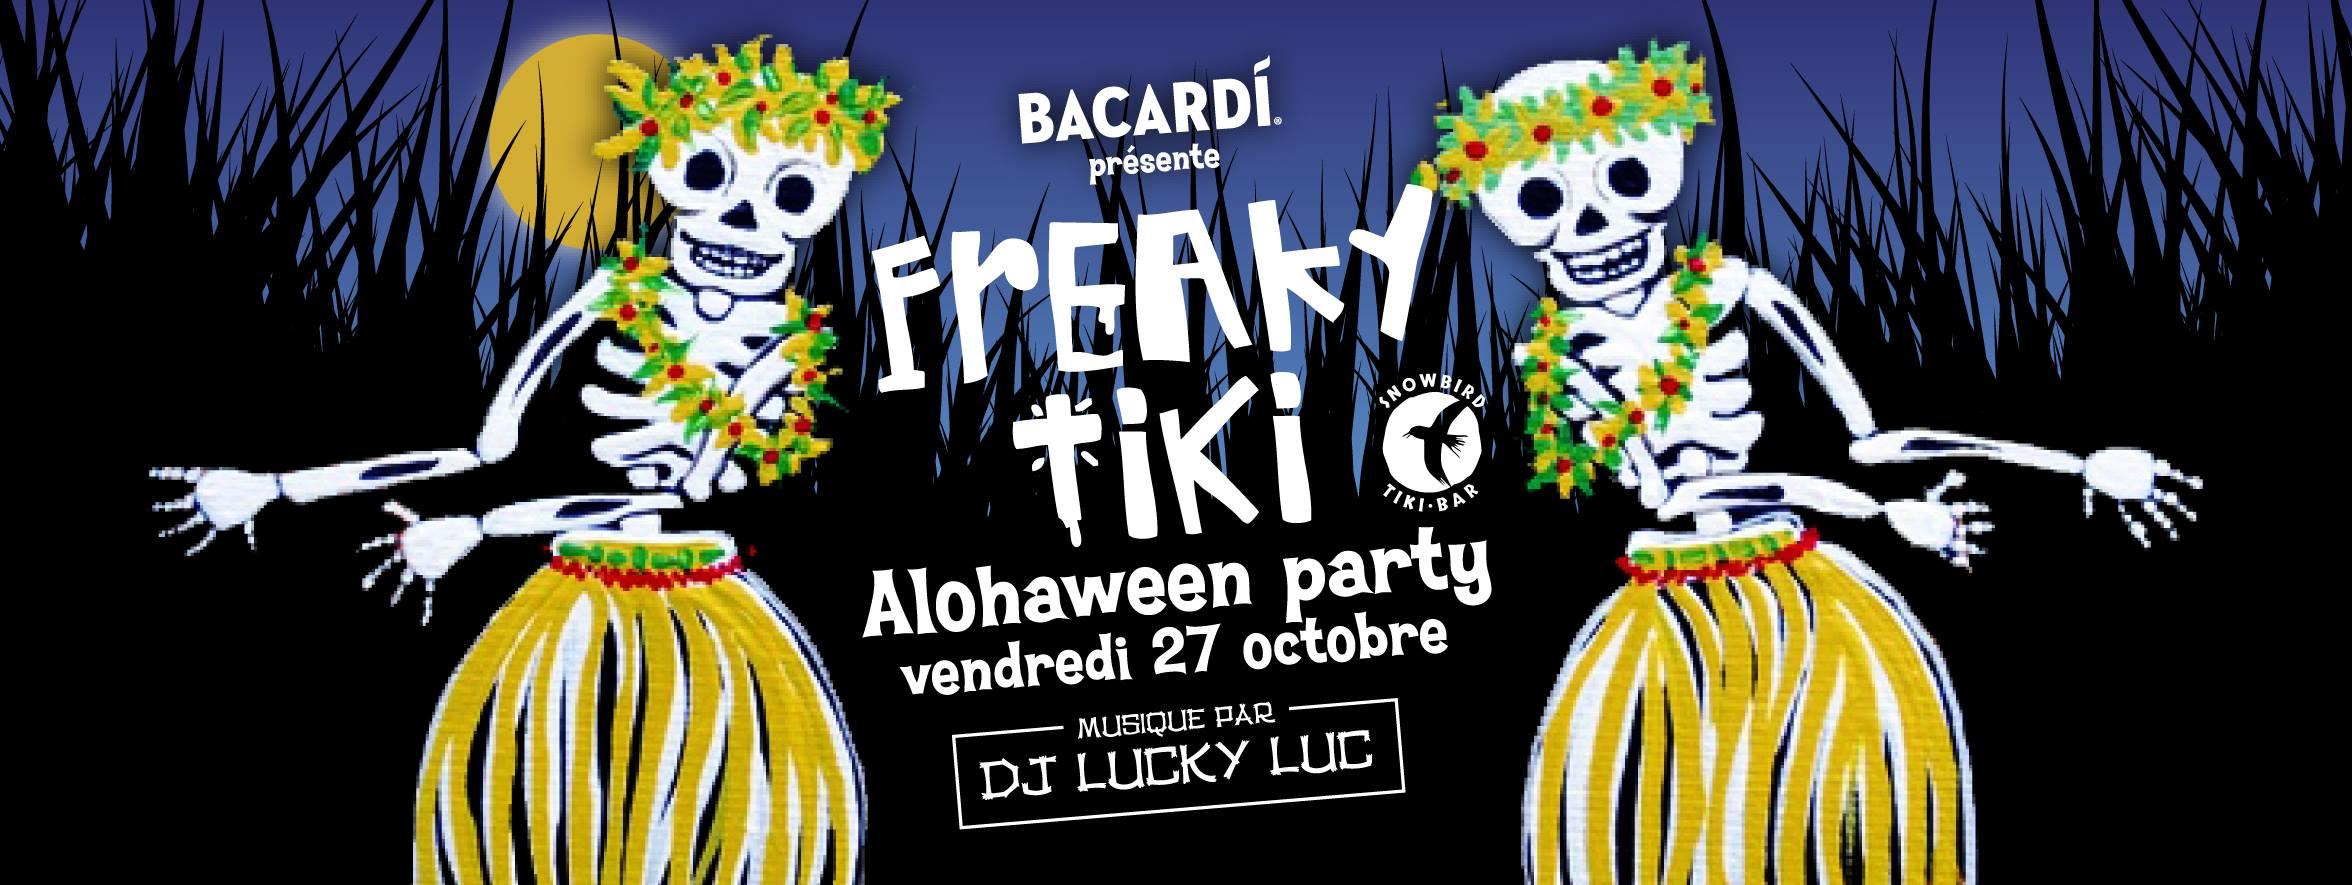 Les partys d'Halloween où fêter jusqu'à